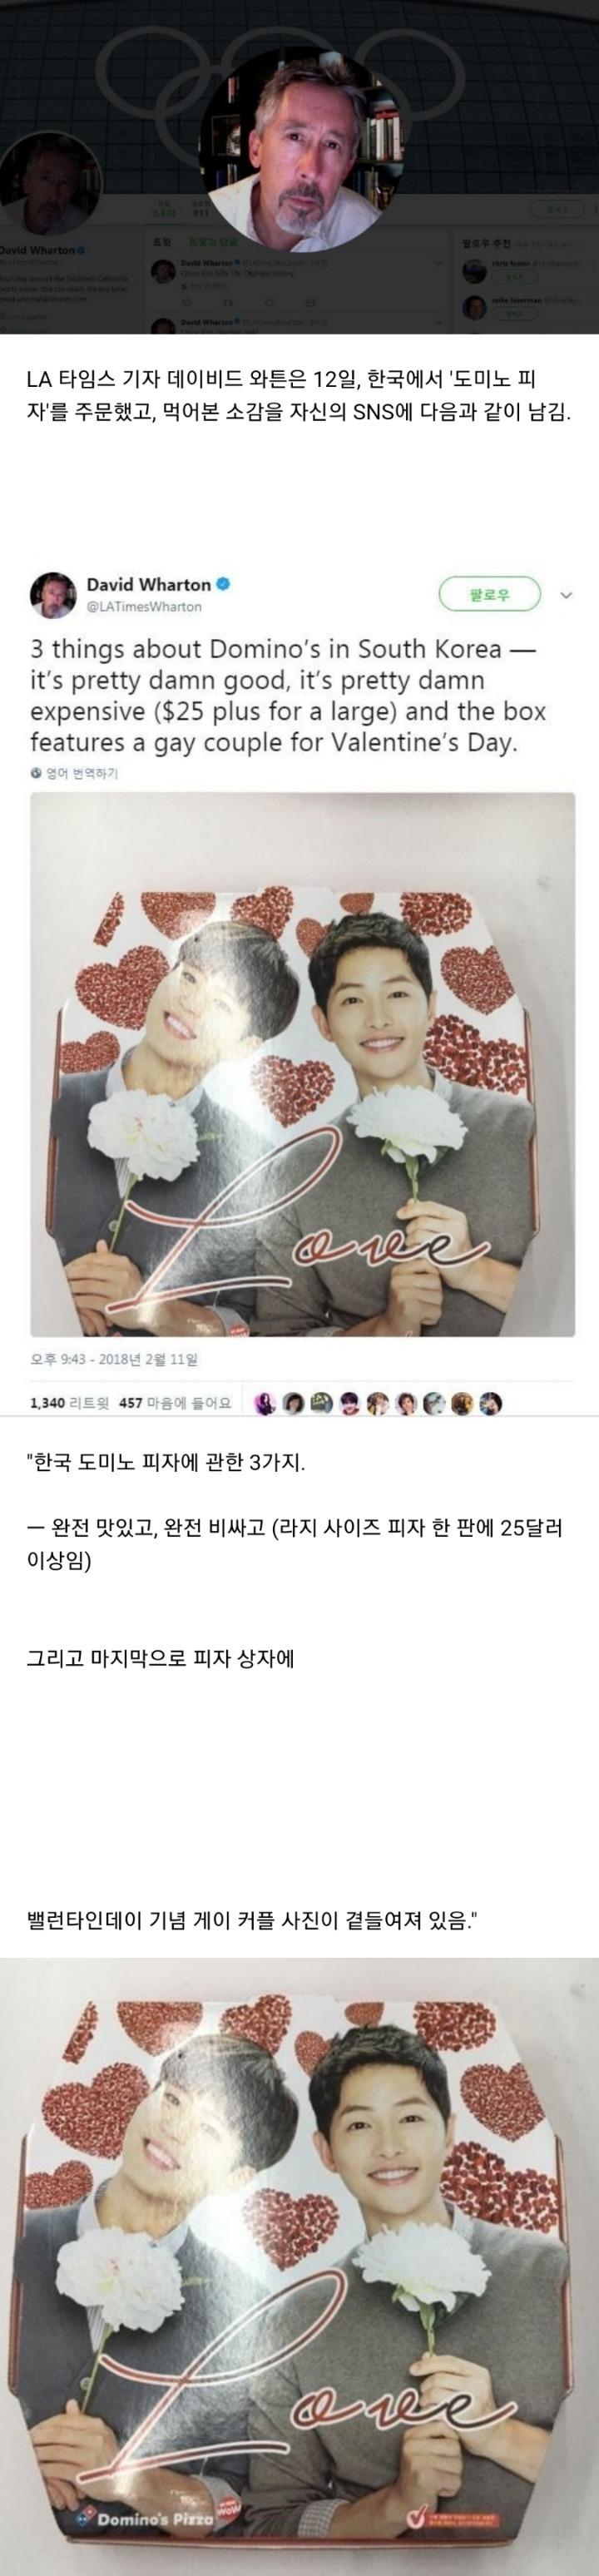 한국에서 도미노피자 먹은 외국 기자